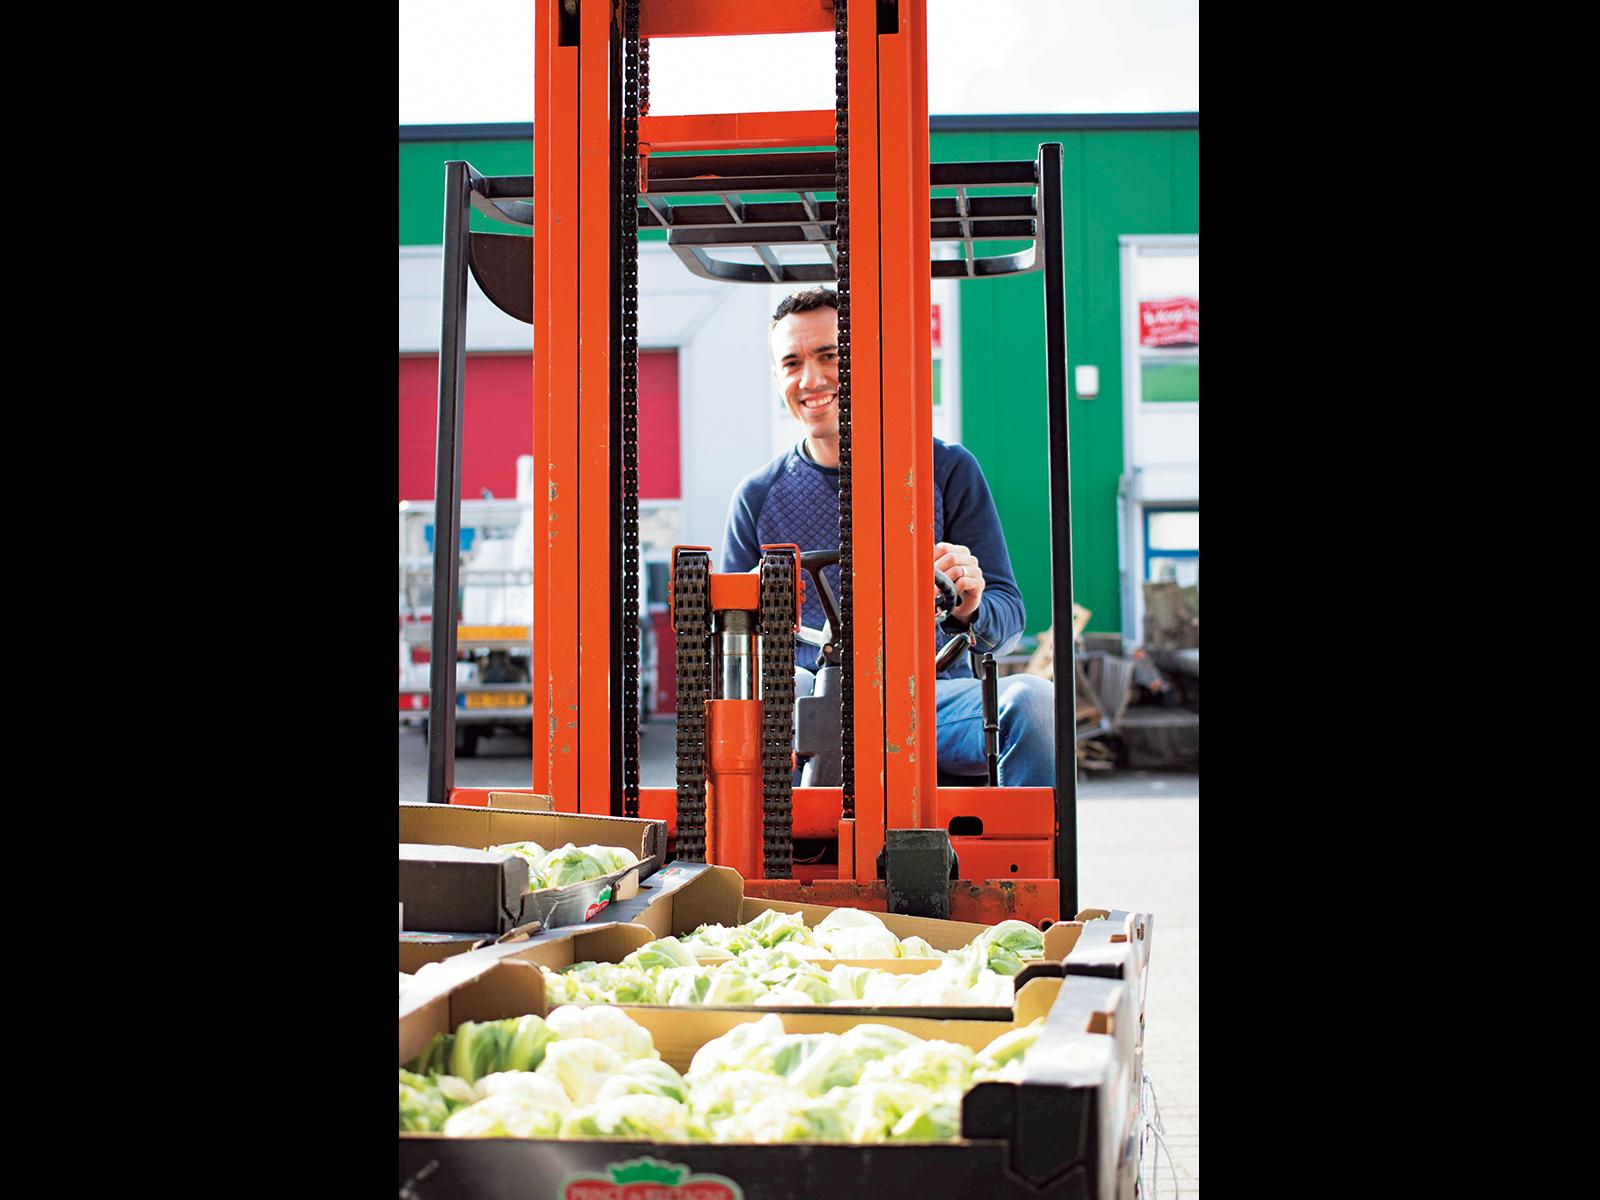 小さくて売れにくいキャベツを回収するスタッフ。毎日、大量の野菜が集まる。